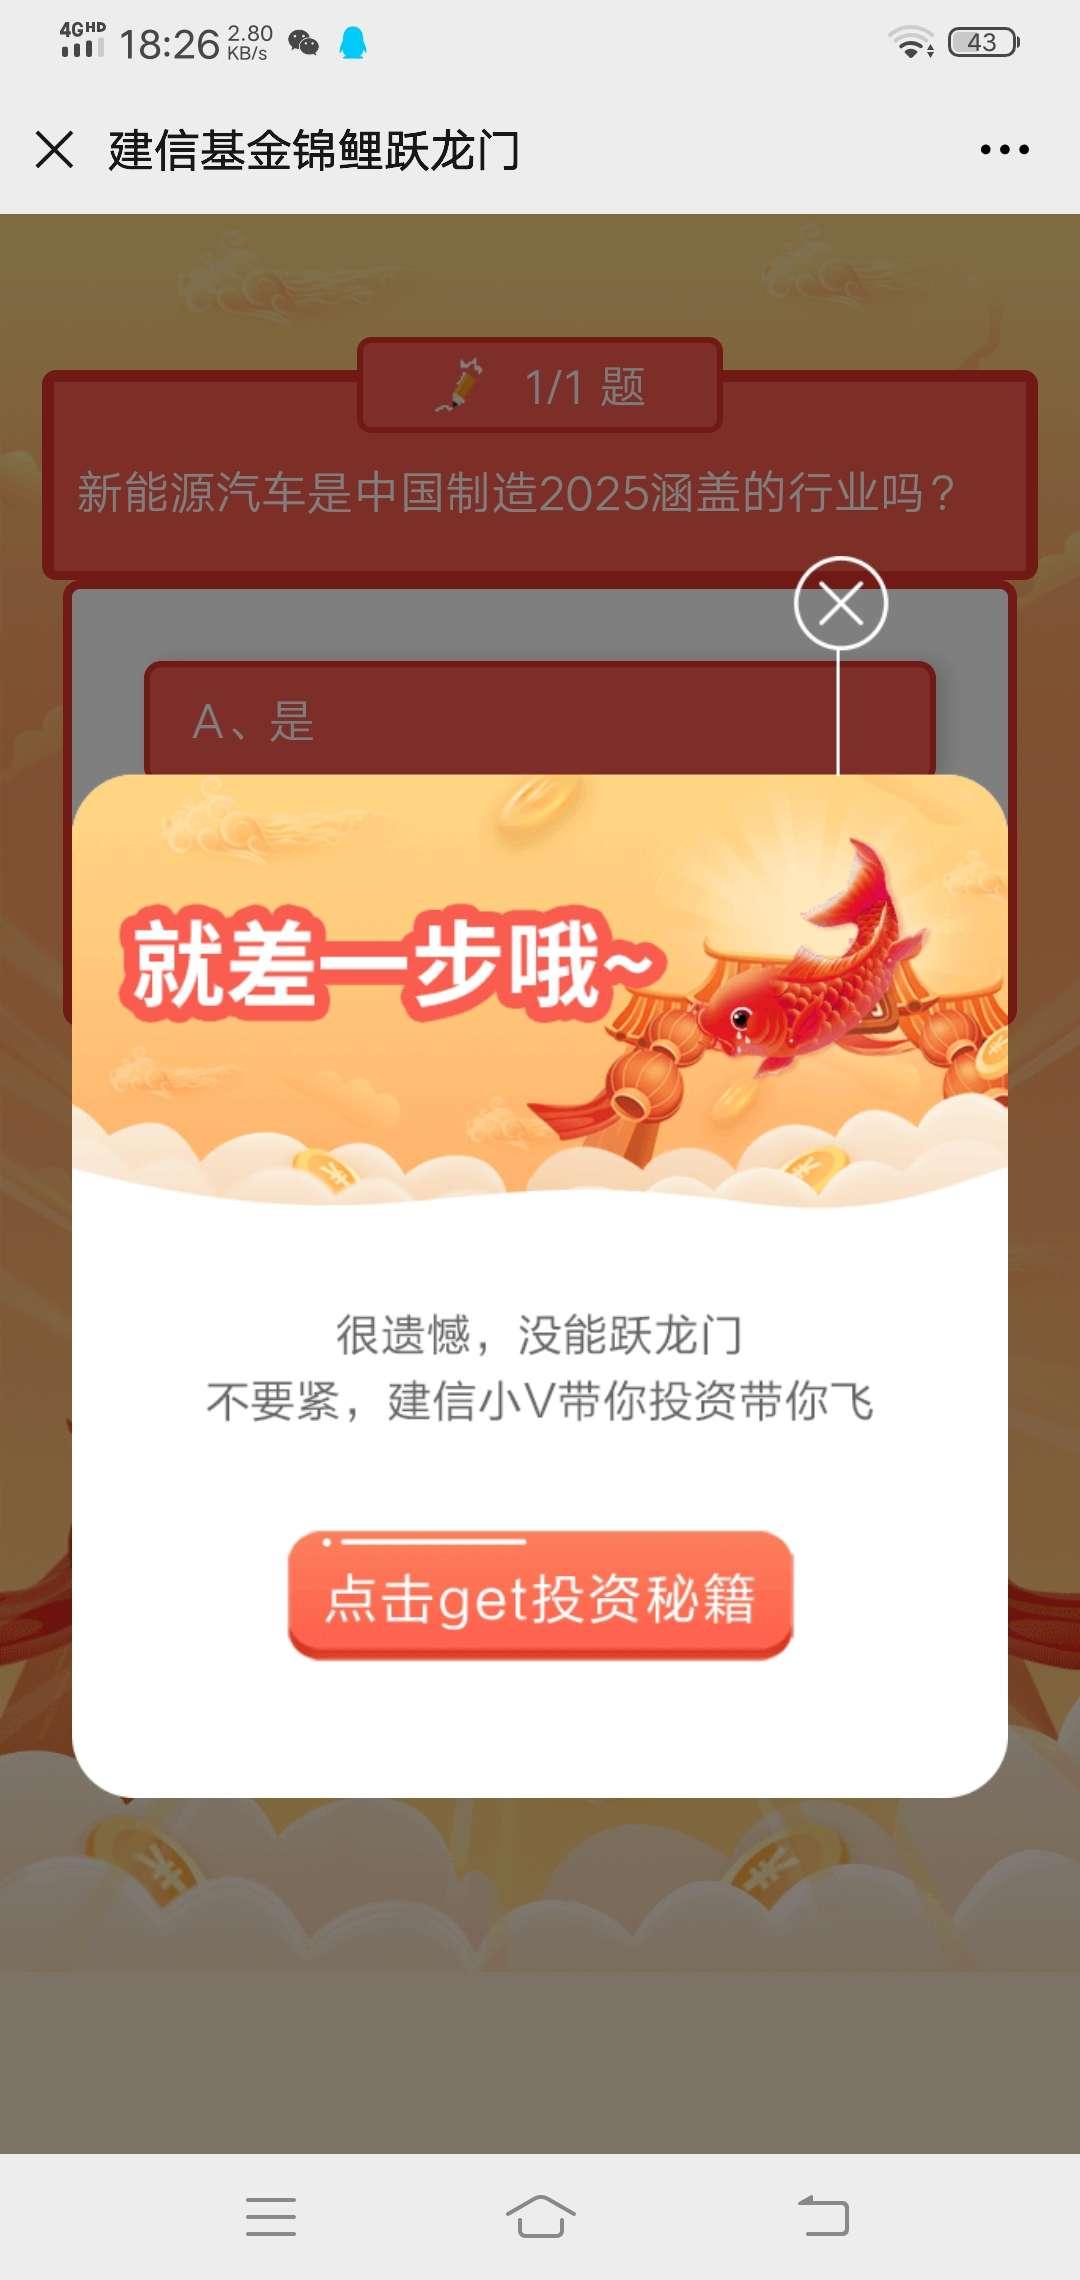 图片[3]-建信基金锦鲤跃龙门抽红包-老友薅羊毛活动线报网